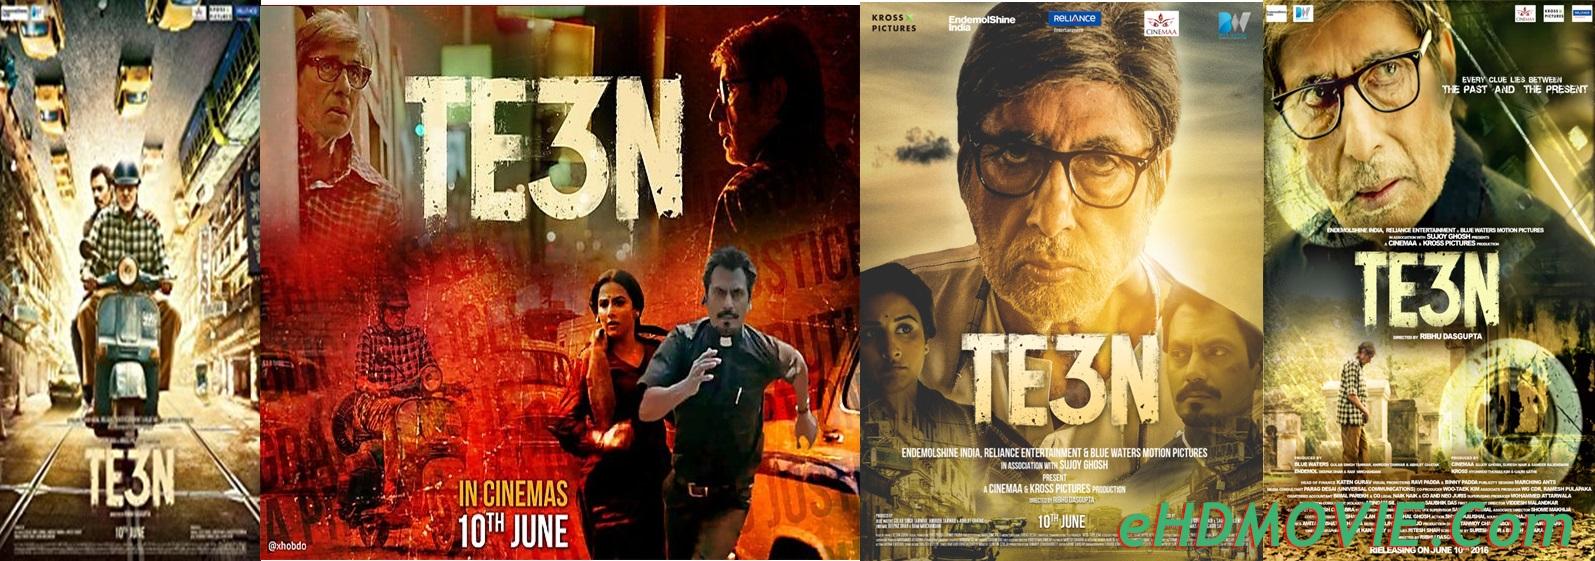 Te3n 2016 Full Movie Hindi 720p - 480p ORG BRRip 450MB - 1GB ESubs Free Download